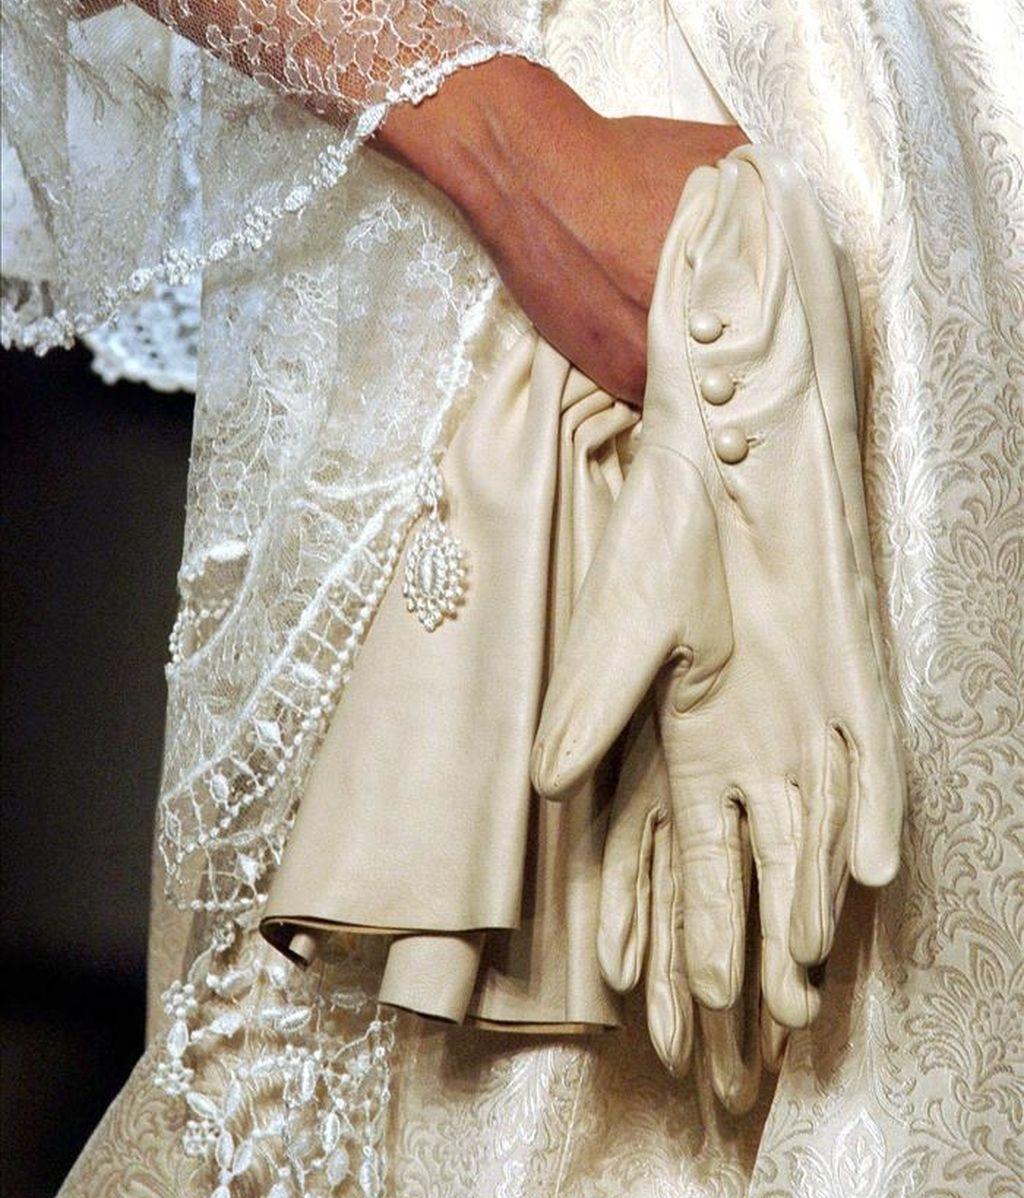 Detalle de los guantes y el velo de un vestido de novia de los diseñadores sevillanos Victorio&Lucchino, en un desfile. EFE/Archivo